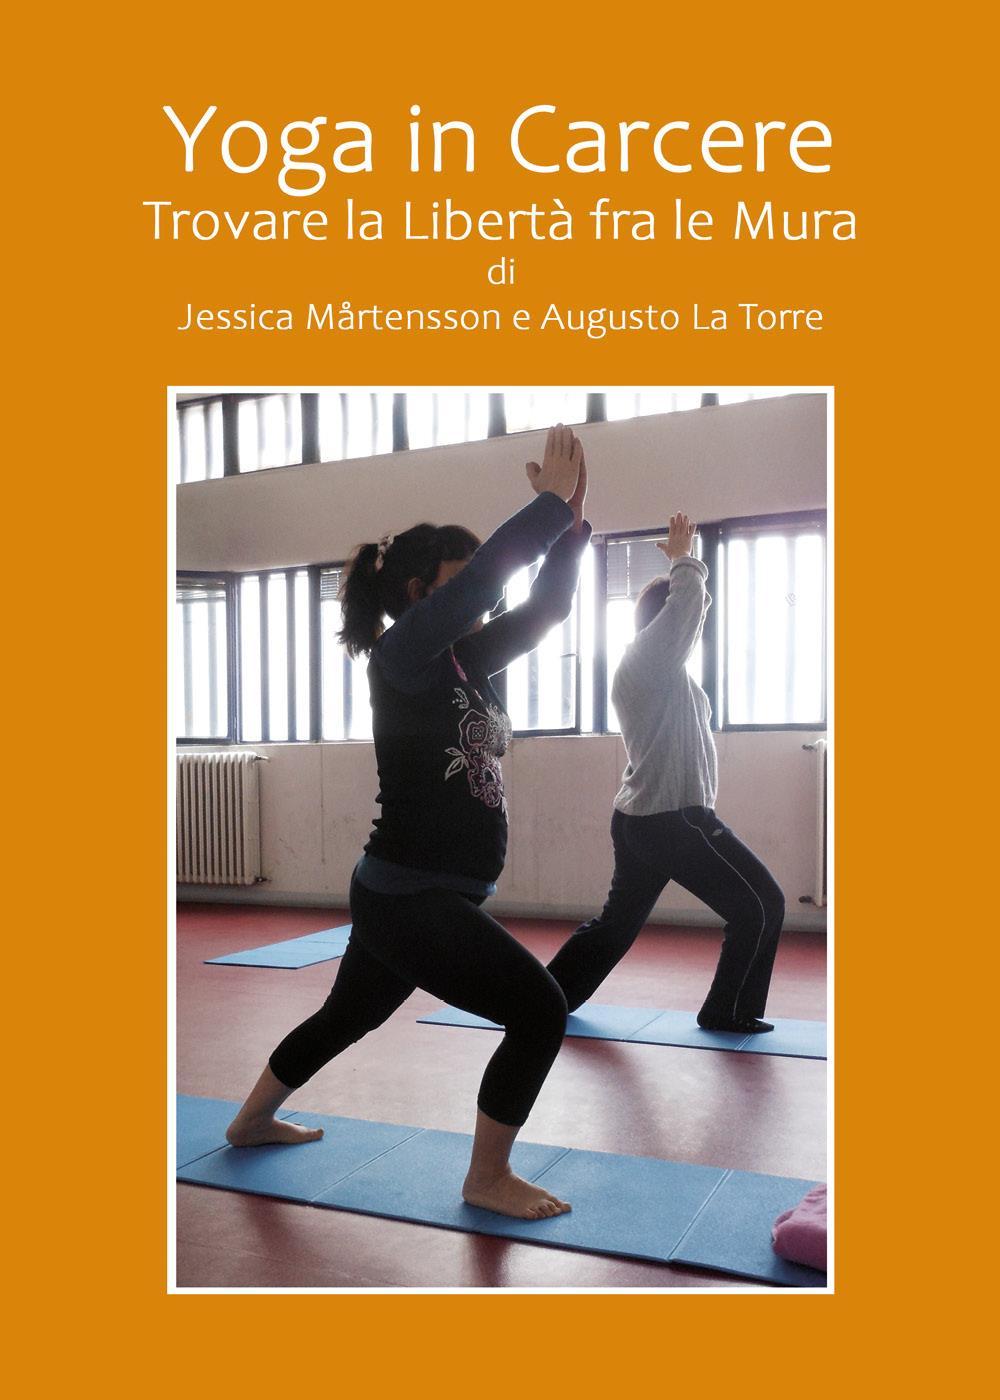 Yoga in Carcere. Trovare la libertà fra le mura.